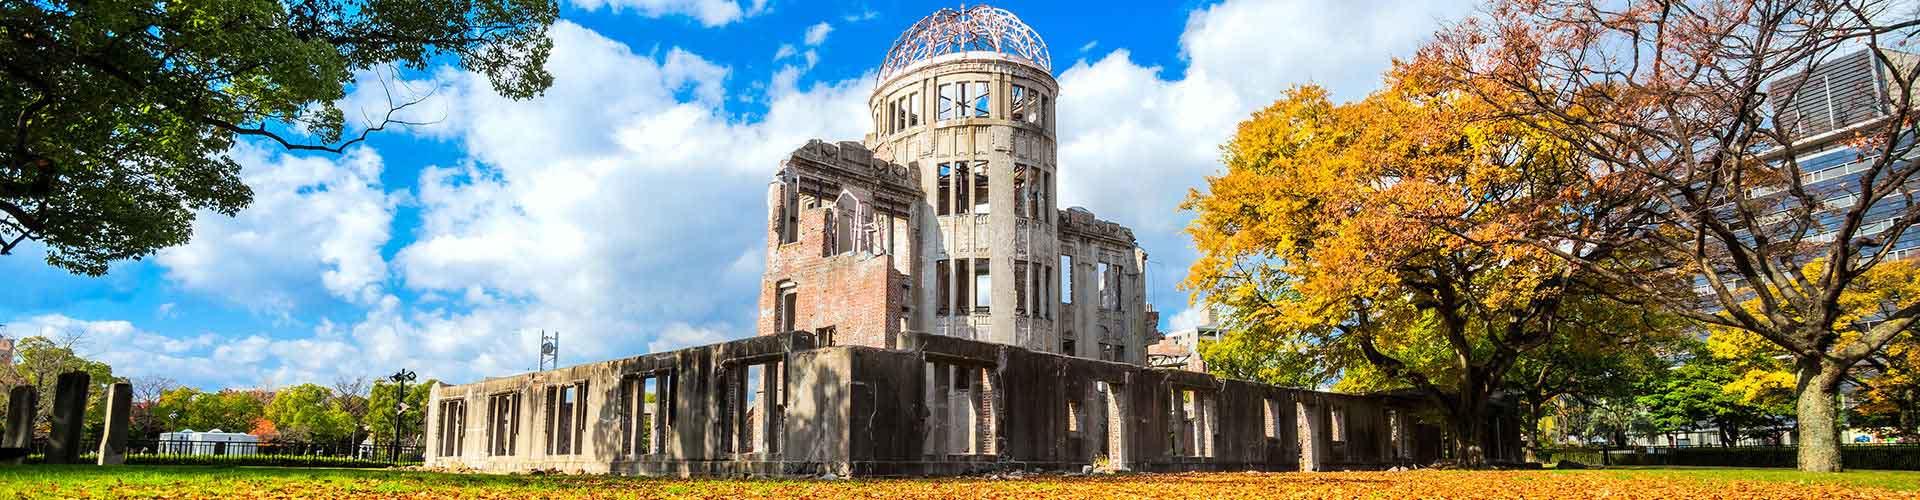 Hiroshima - Appartments à Hiroshima. Cartes pour Hiroshima, photos et commentaires pour chaque appartement à Hiroshima.